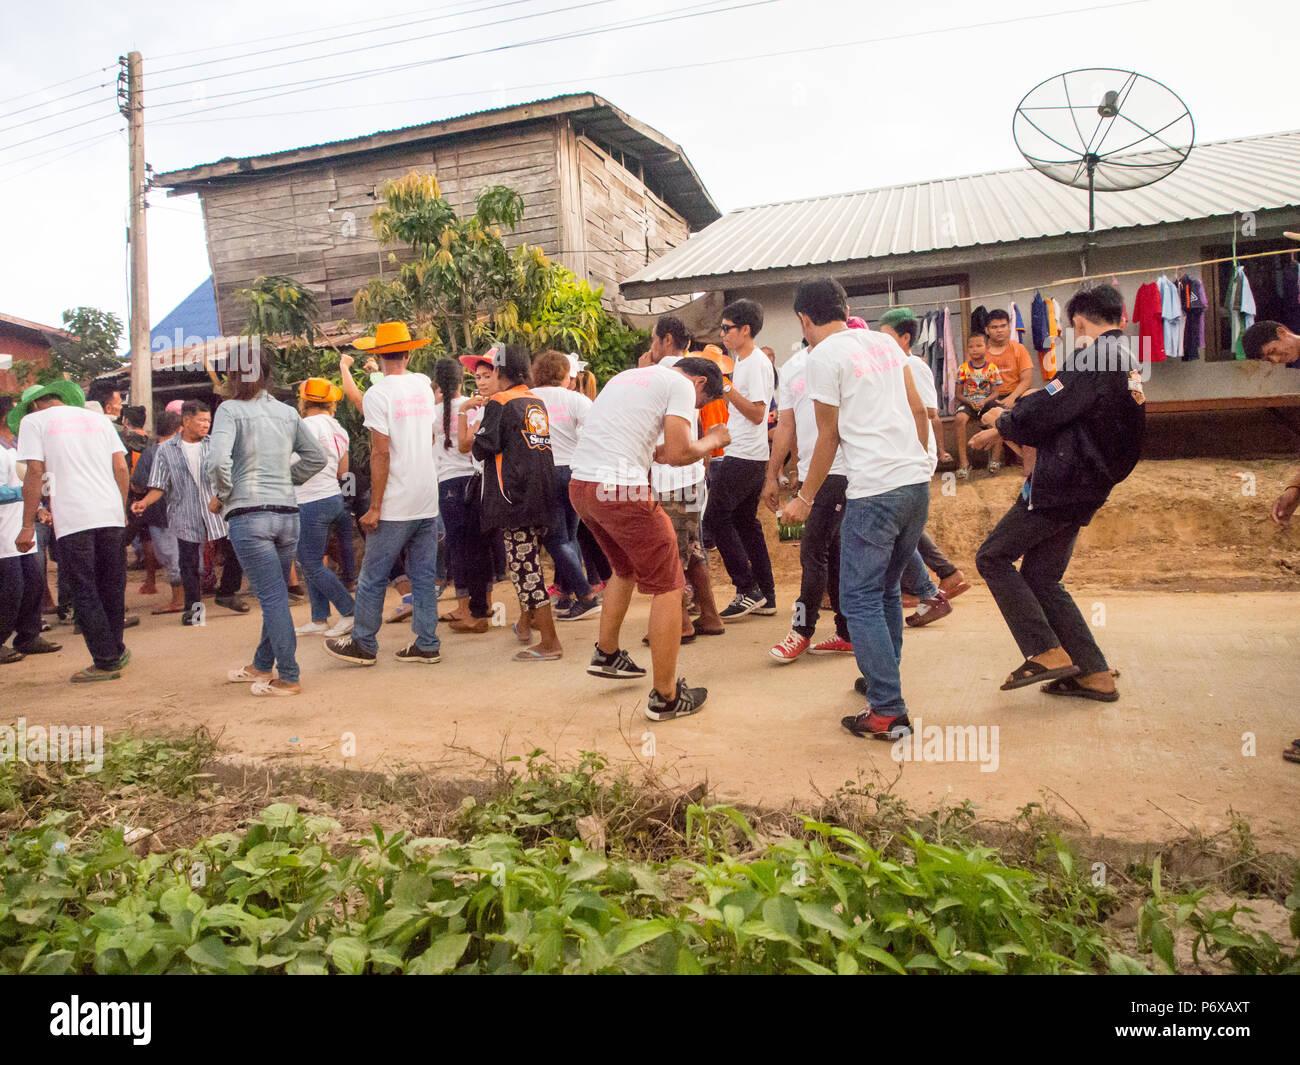 Lokale Leute teilnehmen auf dem Weg zum Tempel. Thailändische buddhistische Kultur. Jährliche Spende an den Tempel in der Provinz Burirum, 22. April 2018 Stockbild